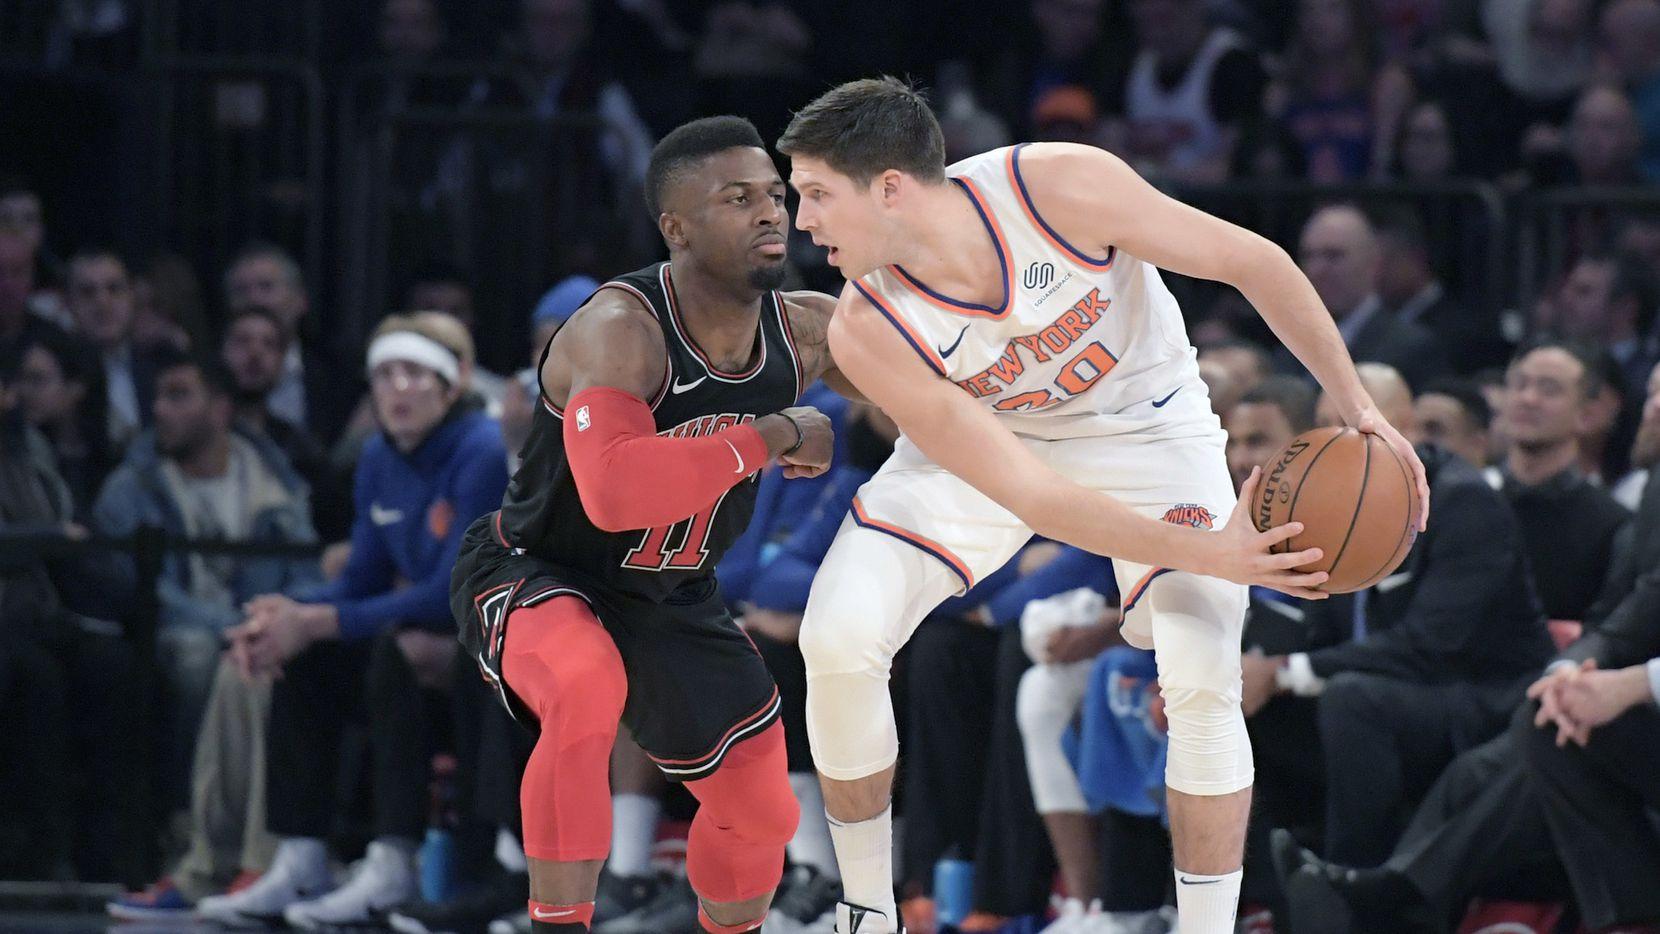 Doug McDermott de los Knicks de Nueva York pasa a los Mavericks de Dallas. AP